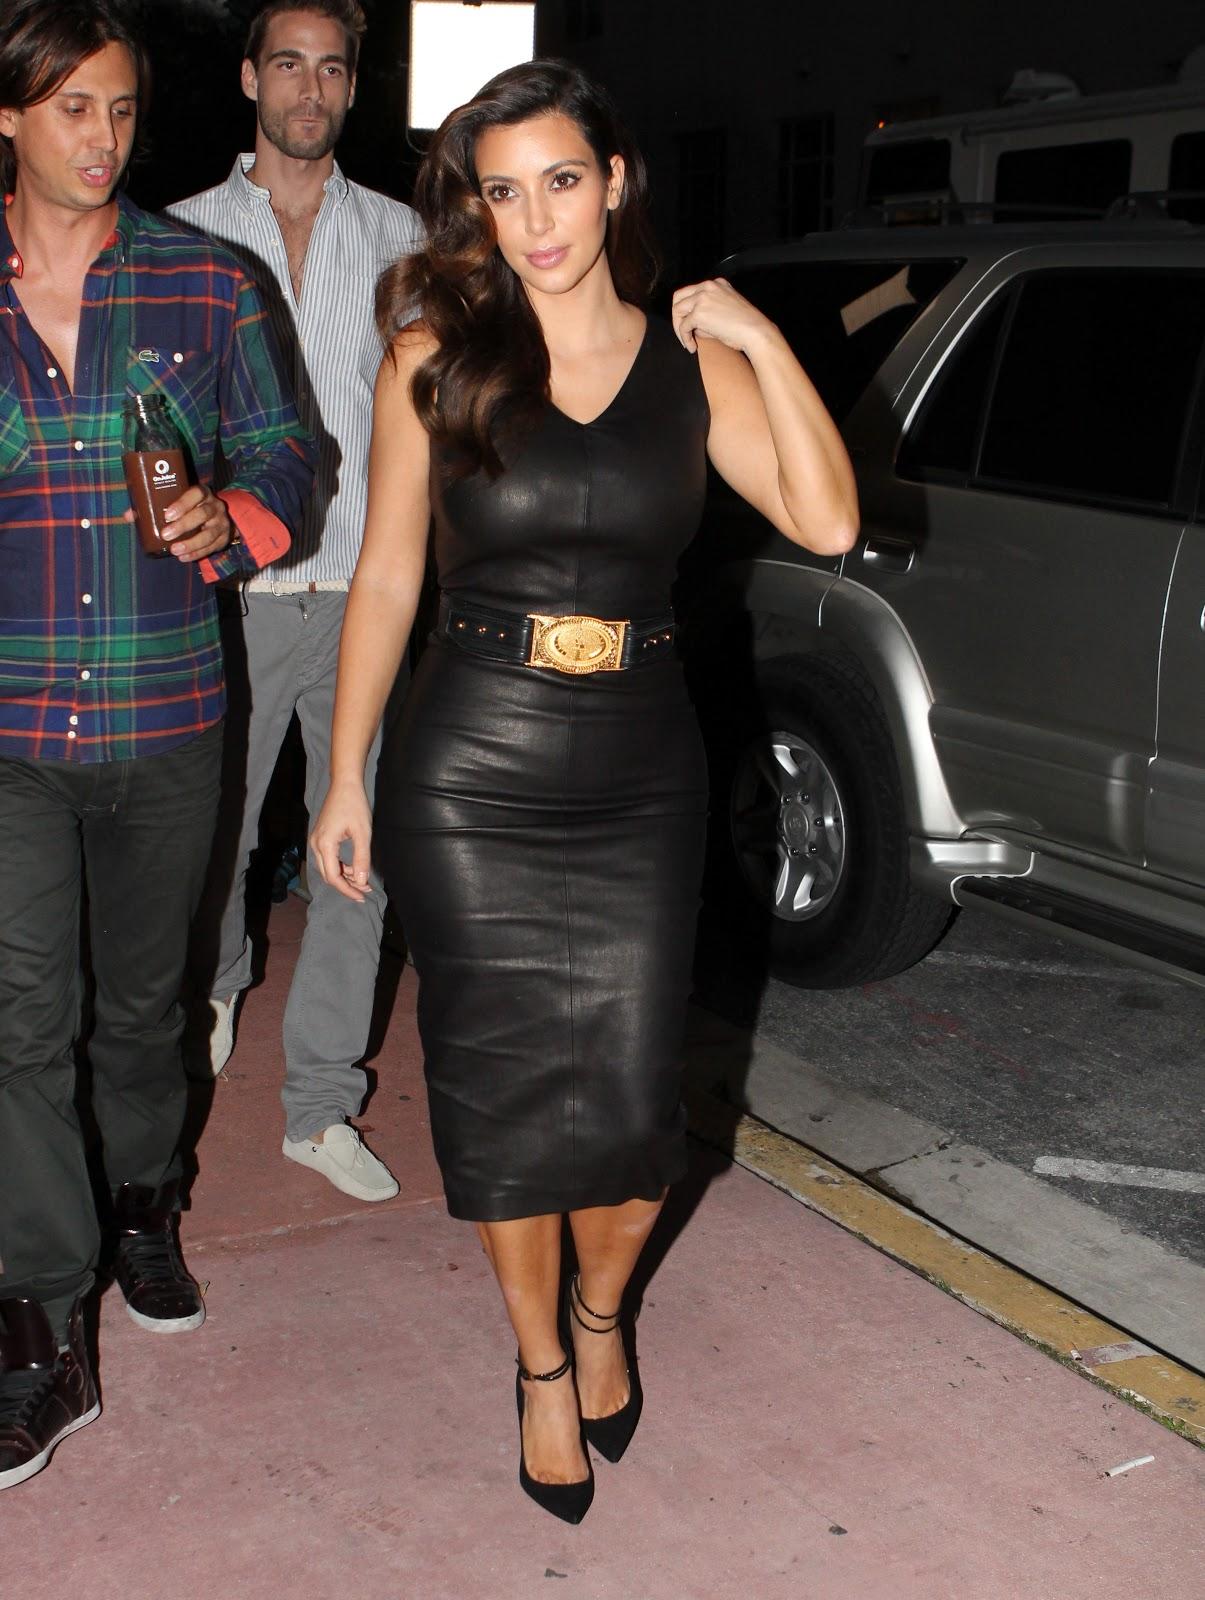 http://4.bp.blogspot.com/-jRk4IYImEpc/UJb1nNvbM0I/AAAAAAAAYcI/zu5E3THDtLM/s1600/Kim+Kardashian+out+in+Miami+wearing+a+tight+black+leather+dress++November+2_2012+-02.jpg